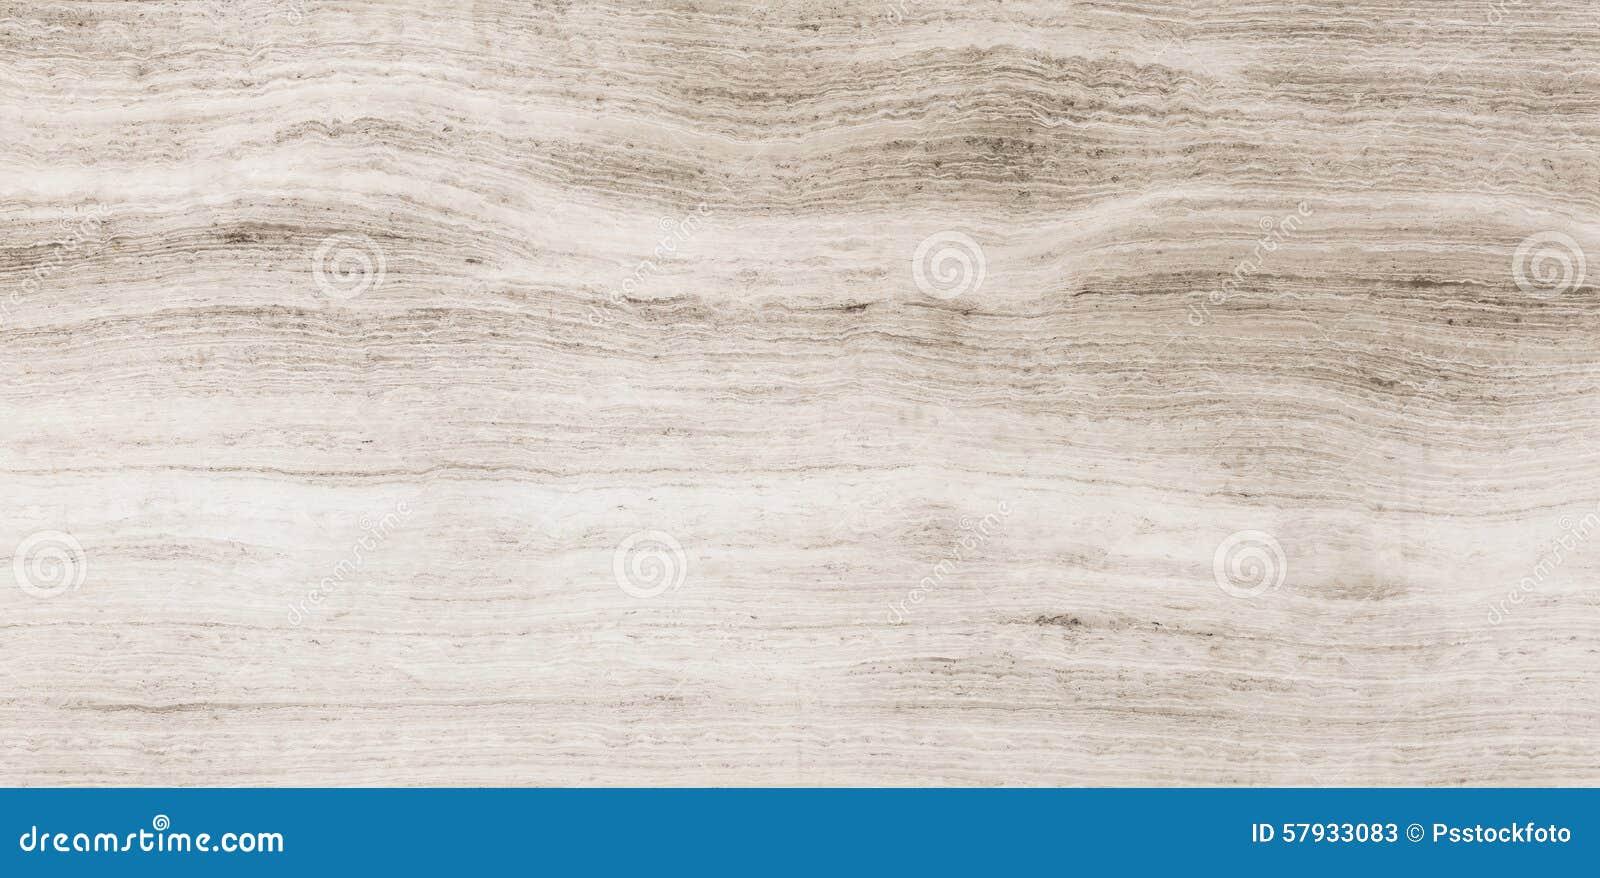 抽象大理石自然被仿造的固定的石纹理